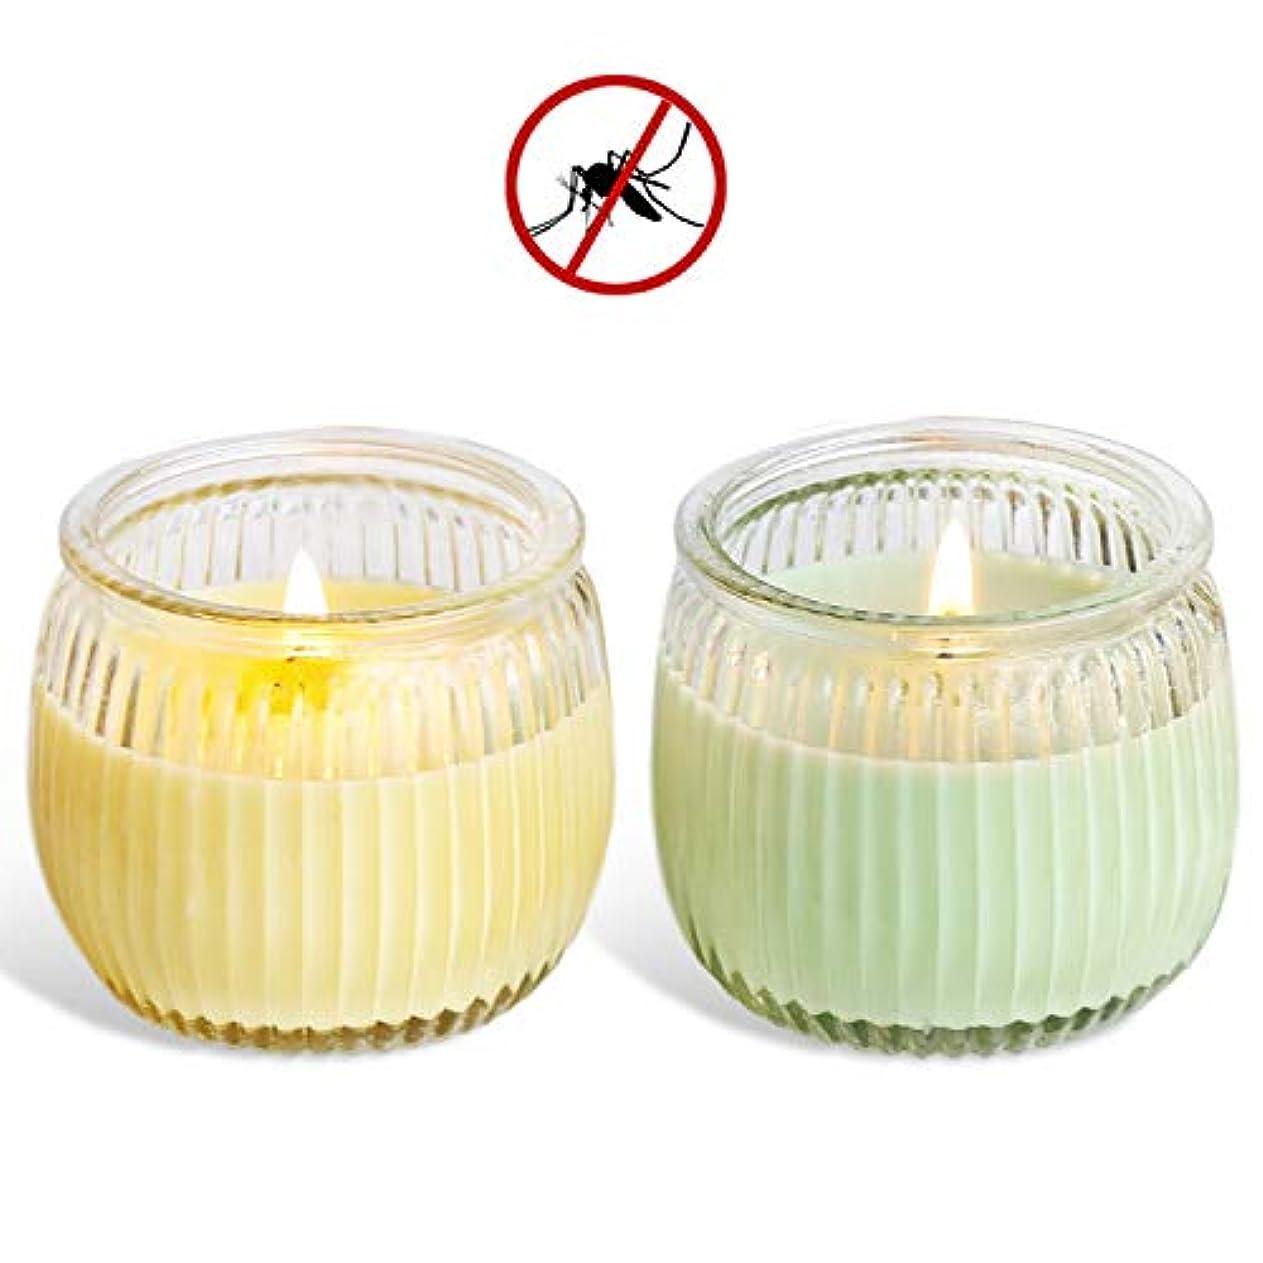 バックアップロシア差し控える処置 スイカガラスカップの野菜大豆ワックスアロマキャンドルグリーンキャンドル